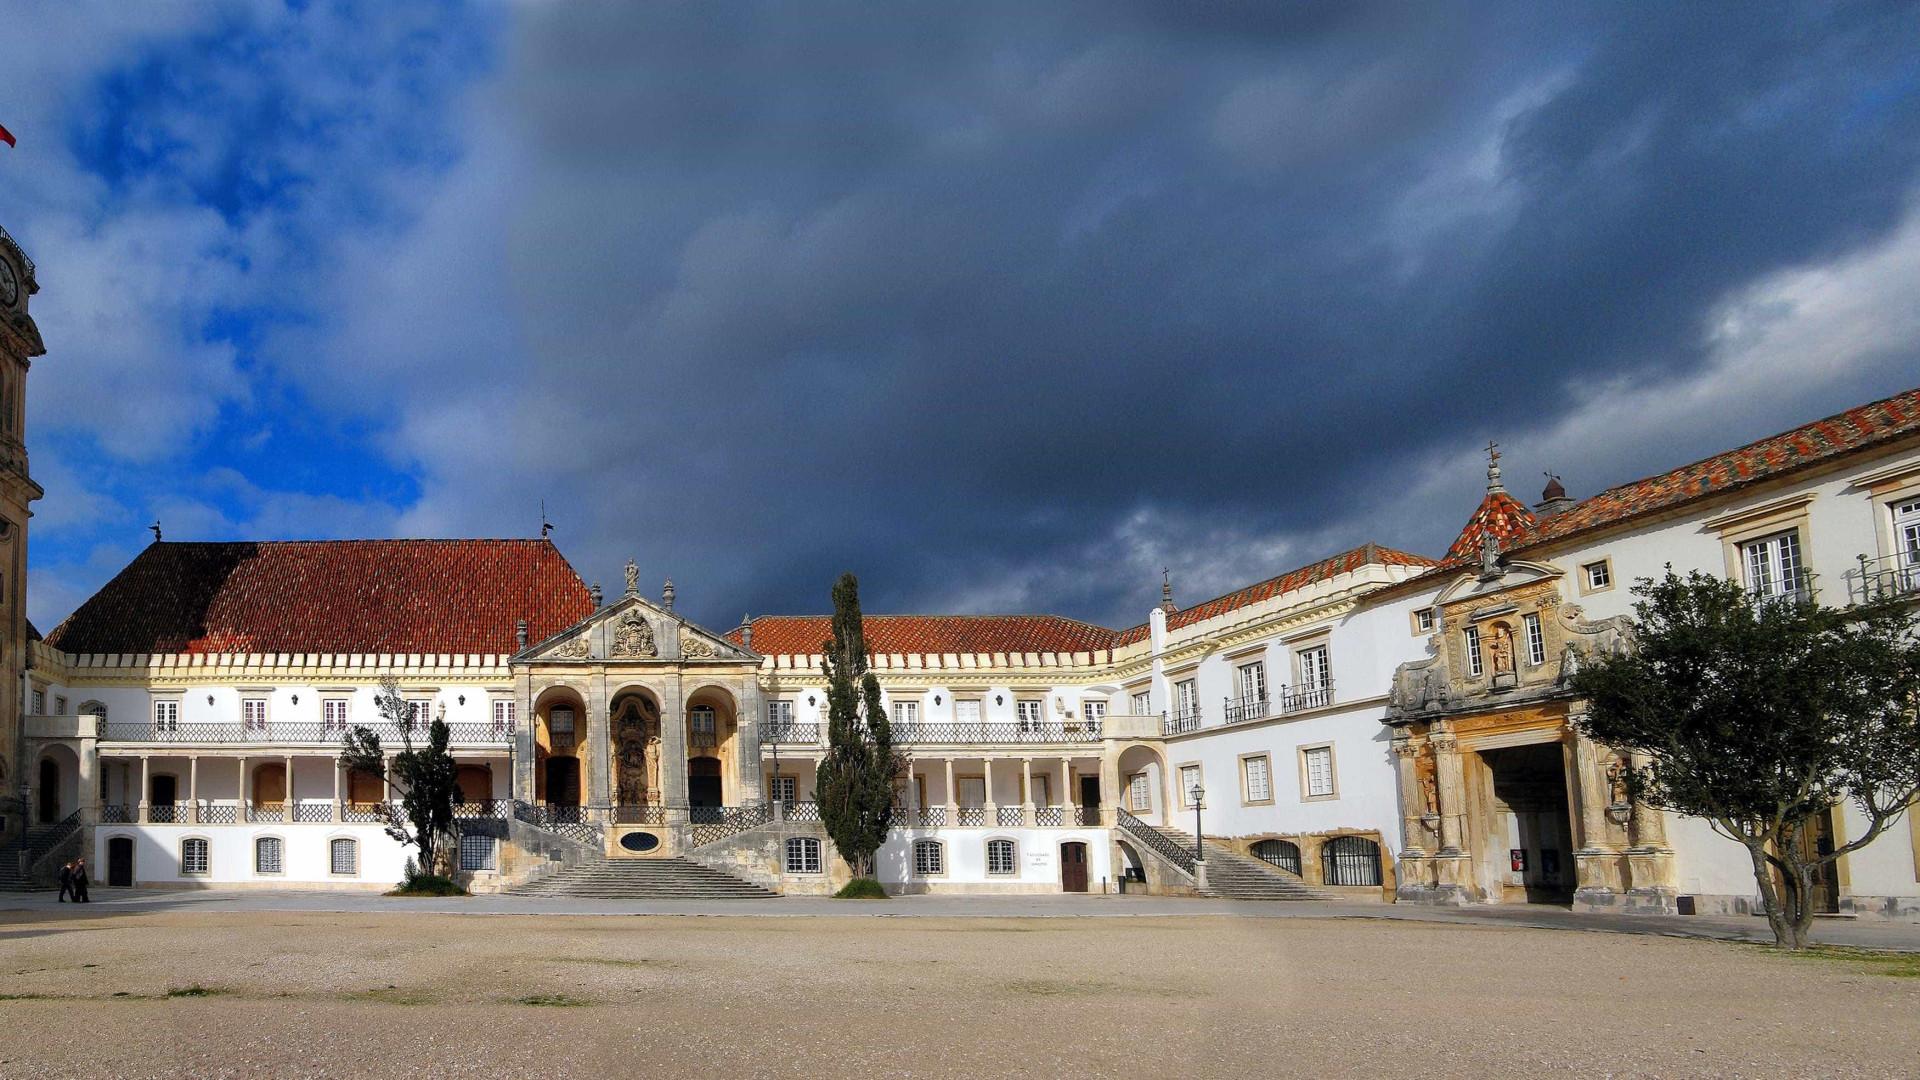 Investigadores de Coimbra desenvolvem aerogel sem pós e partículas